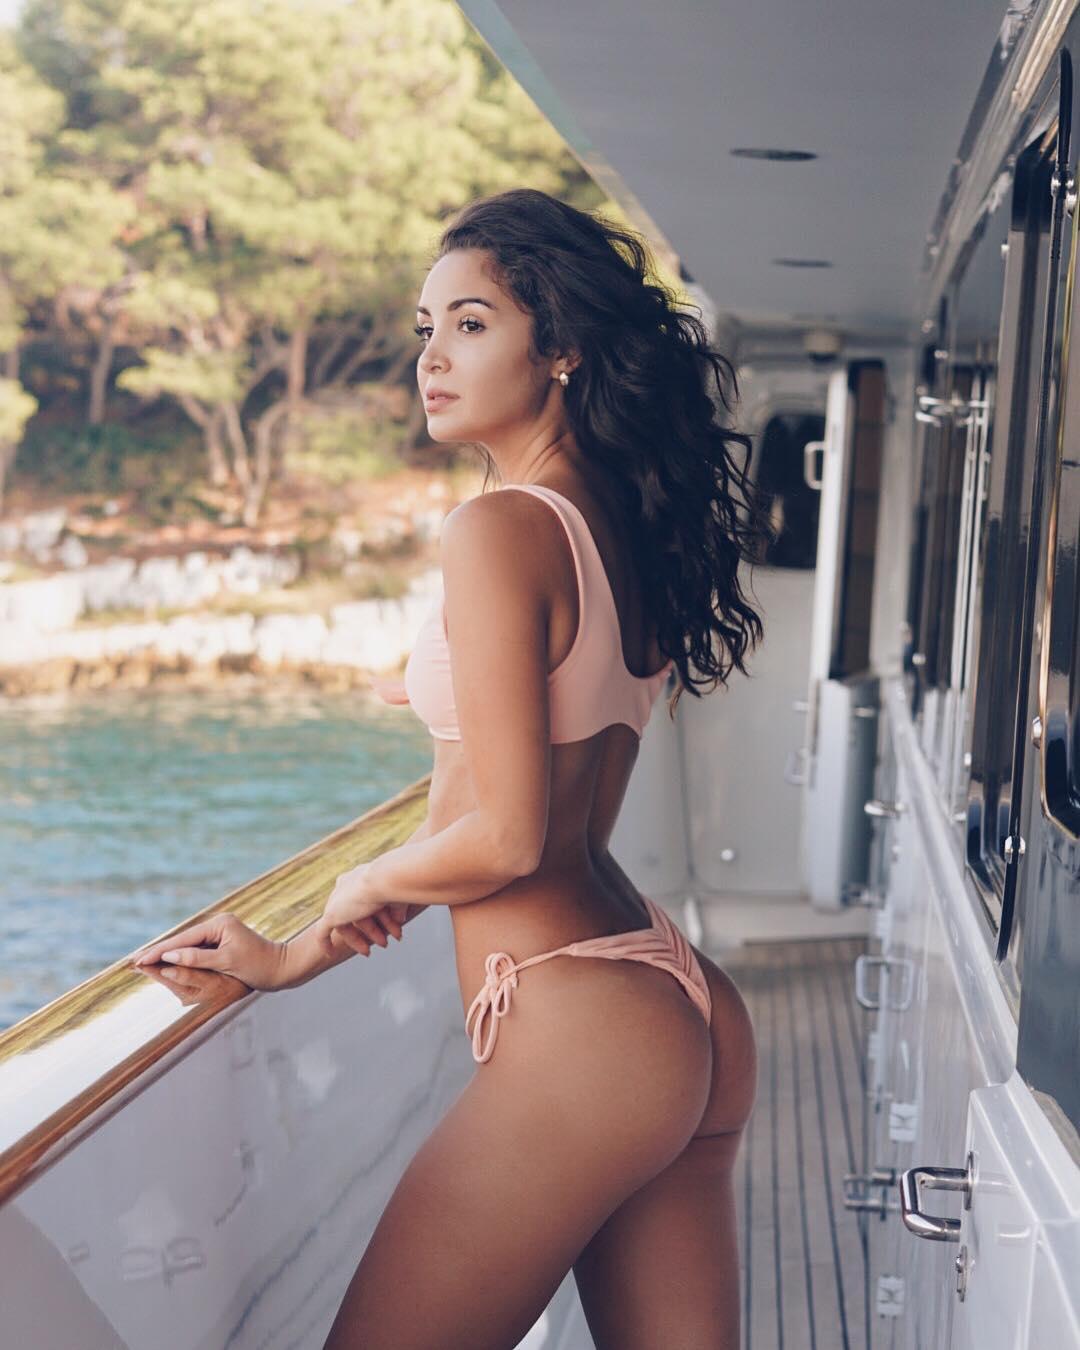 8 mulheres que já passaram pelo Instagram de Gianluca Vacchi